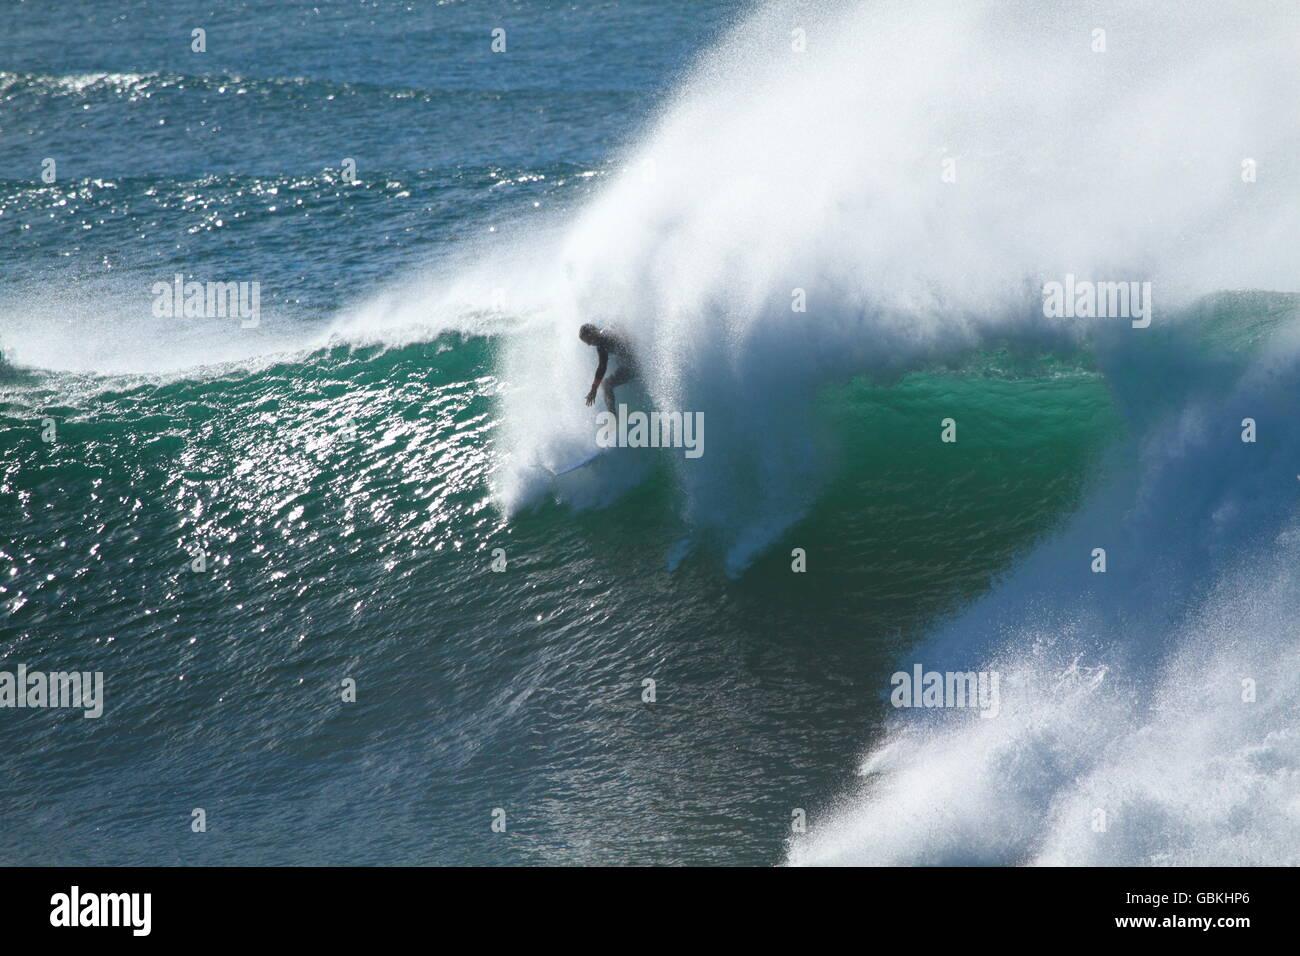 Un maschio di lone surfer scende in su una grande onda durante il big surf a Sandon Point, Bulli, NSW, Australia. Immagini Stock